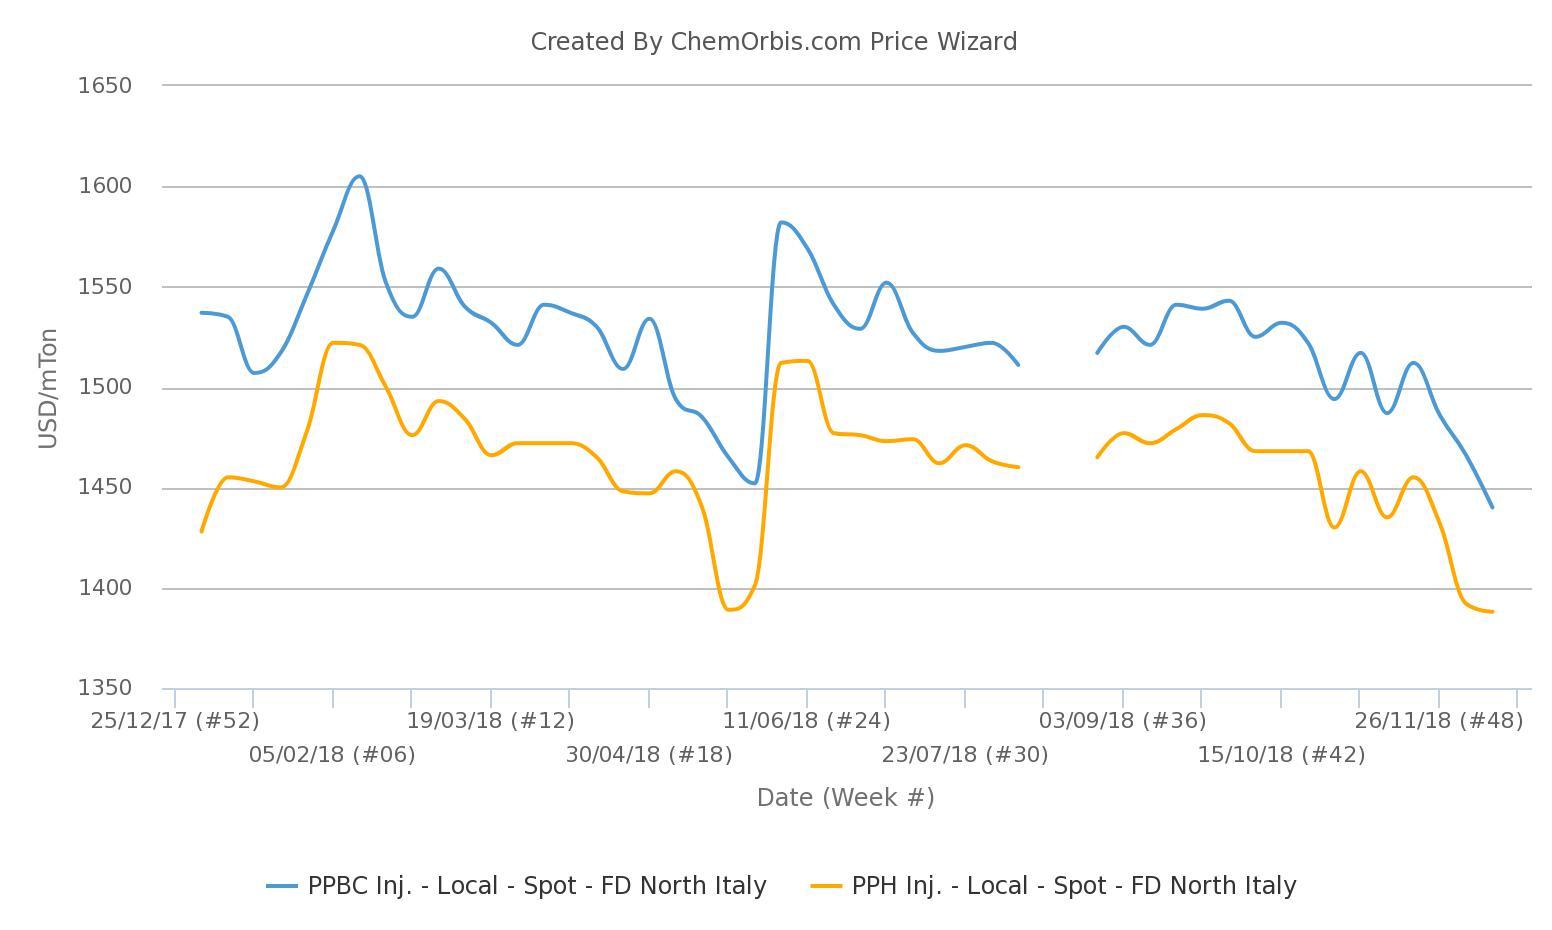 PP price